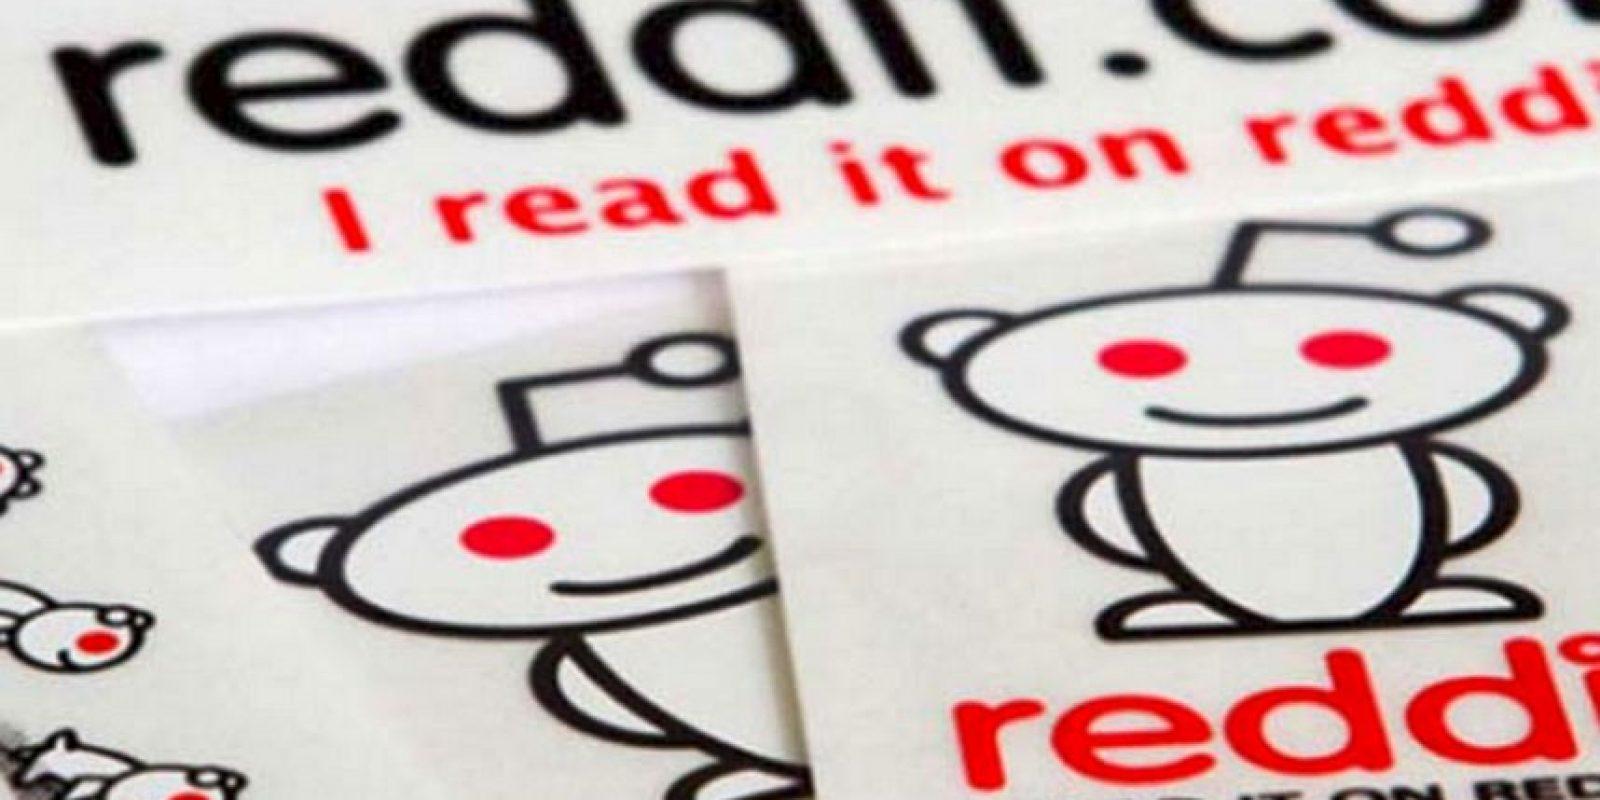 También afirmaron que han surgido sitios alternativos a Reddit.com como consecuencia de estos hechos, que registran grandes cantidades de tráfico dentro de los últimos meses. Foto:Wikicommons